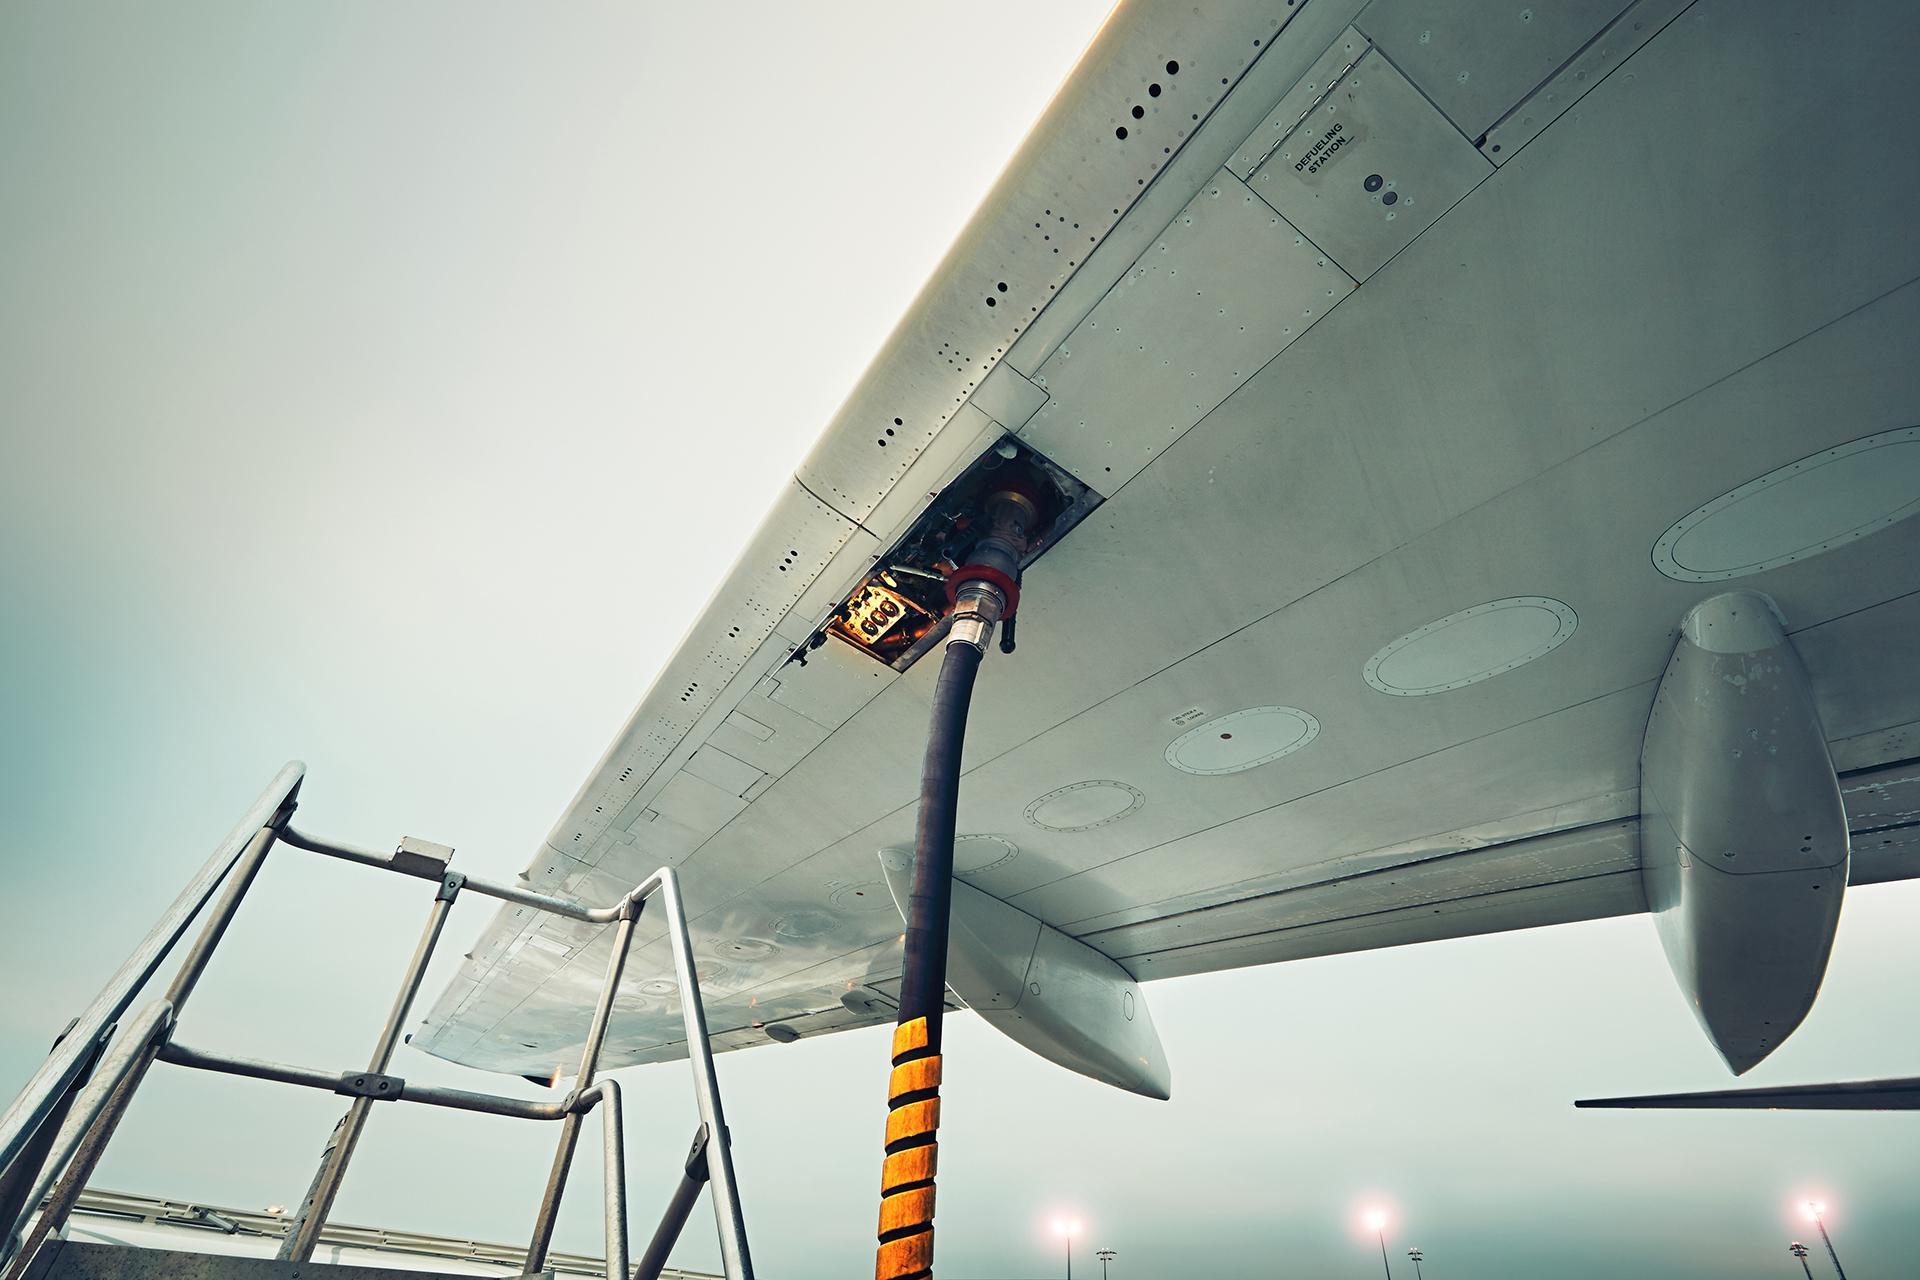 Pacote prevê queda de até 20% no querosene de aviação